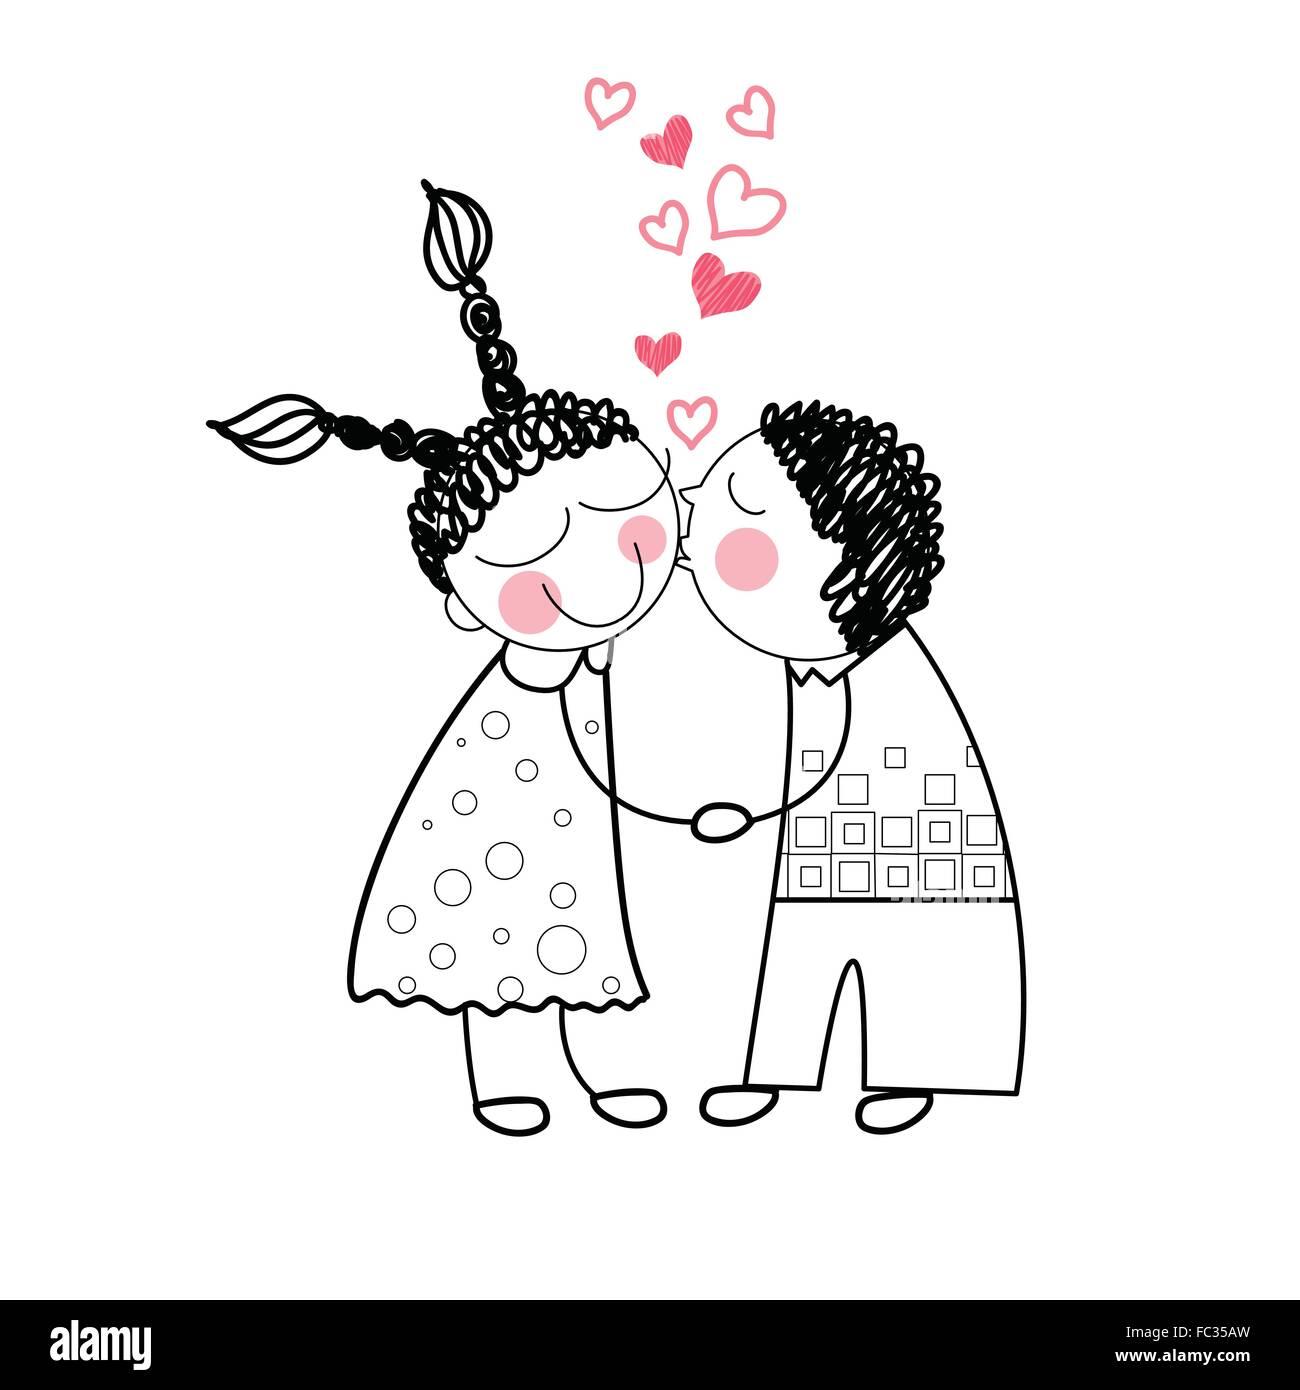 Paar Kuss Rotes Herz Form Liebe Holding Hande Zeichnen Vektor